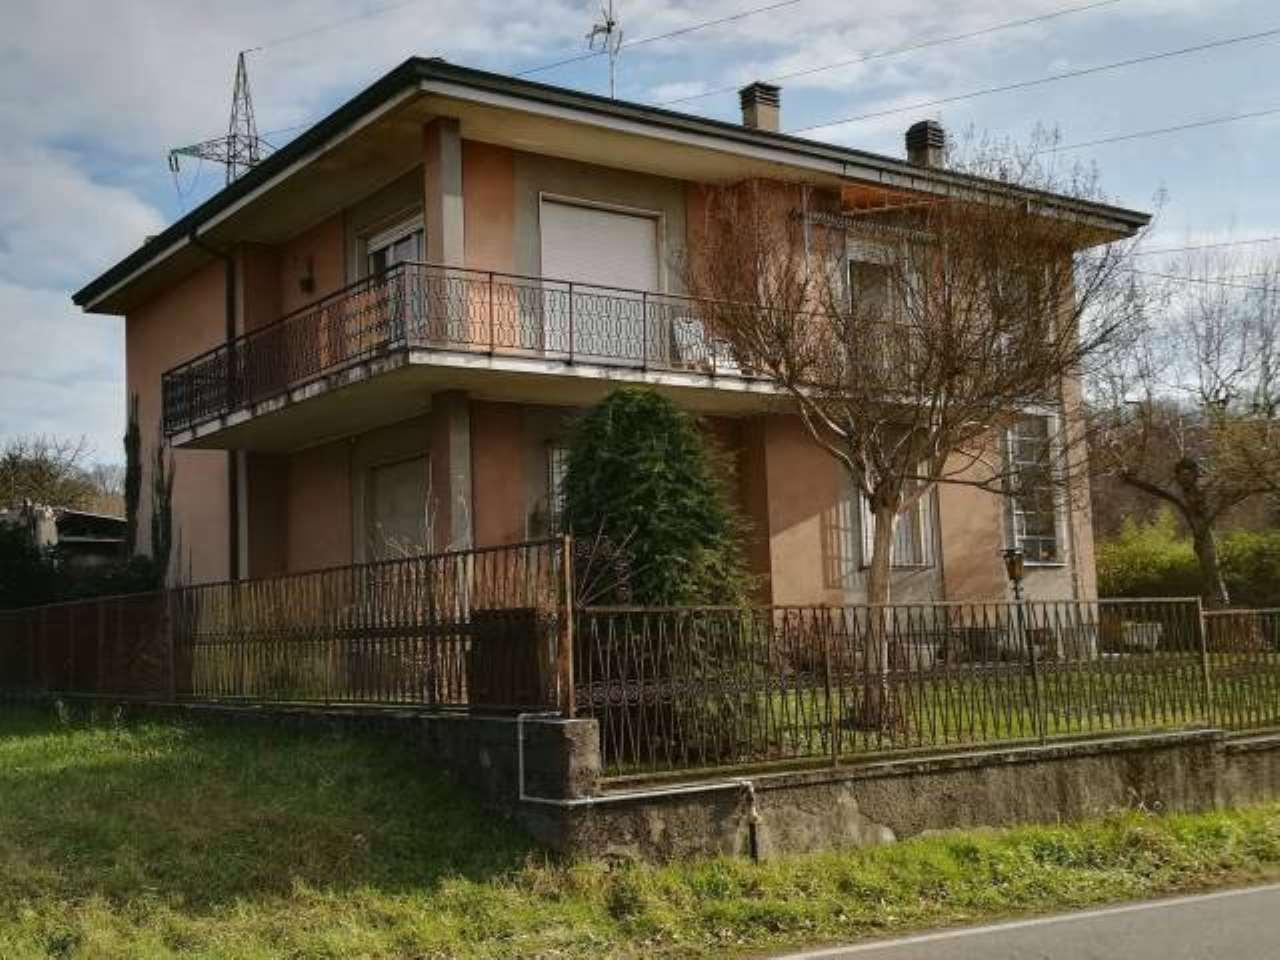 Soluzione Indipendente in vendita a Figino Serenza, 6 locali, prezzo € 260.000 | PortaleAgenzieImmobiliari.it